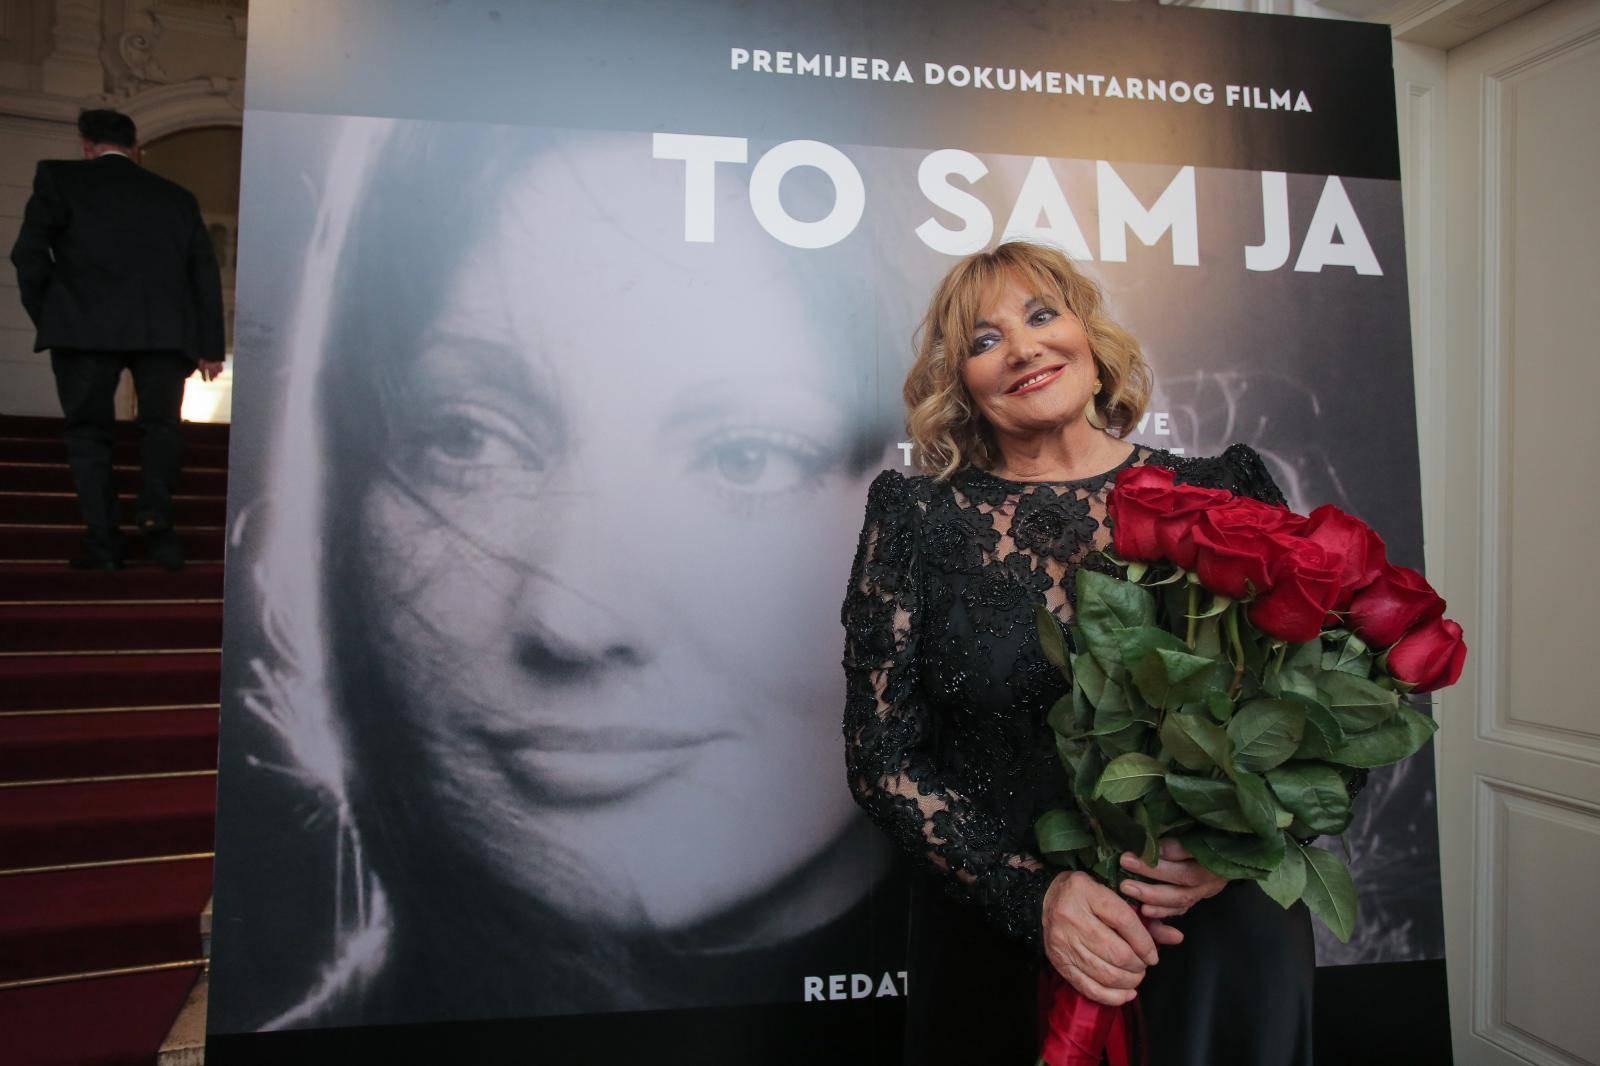 """Zagreb: Premijera dokumentarnog filma """"To sam ja"""" o pjevačici Terezi Kesoviji"""